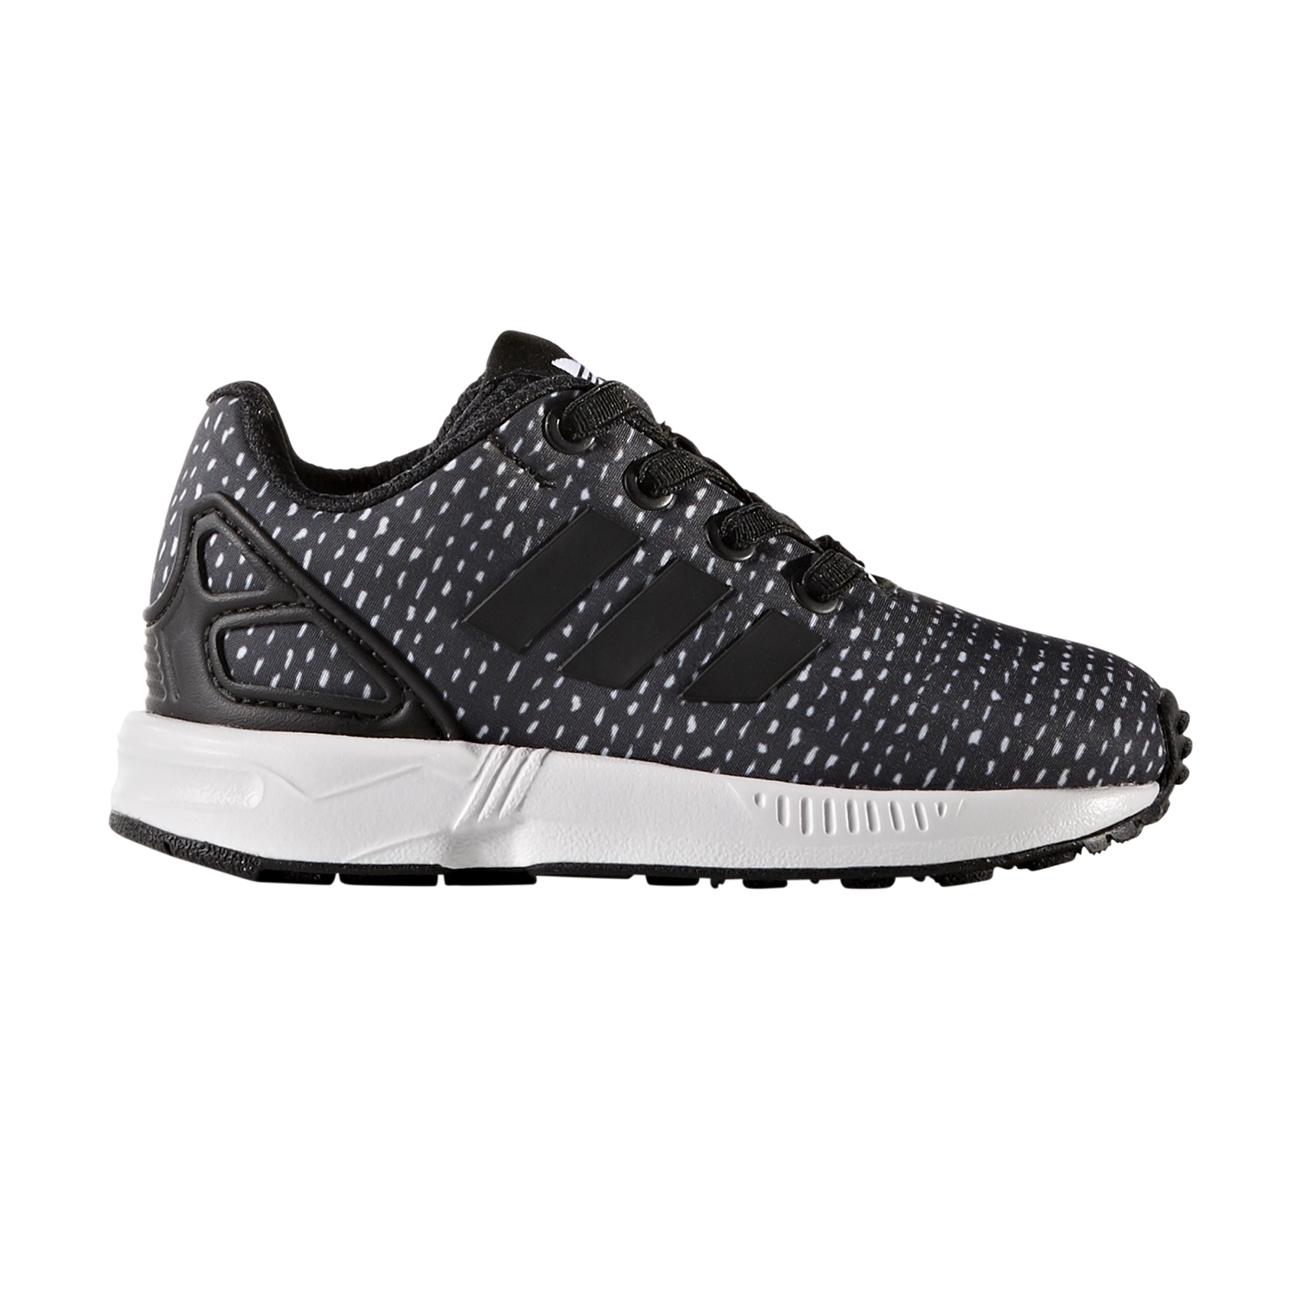 best service 94ccf f0a46 Adidas Originals ZX Flux EL Infant (core black core black ftwr white)